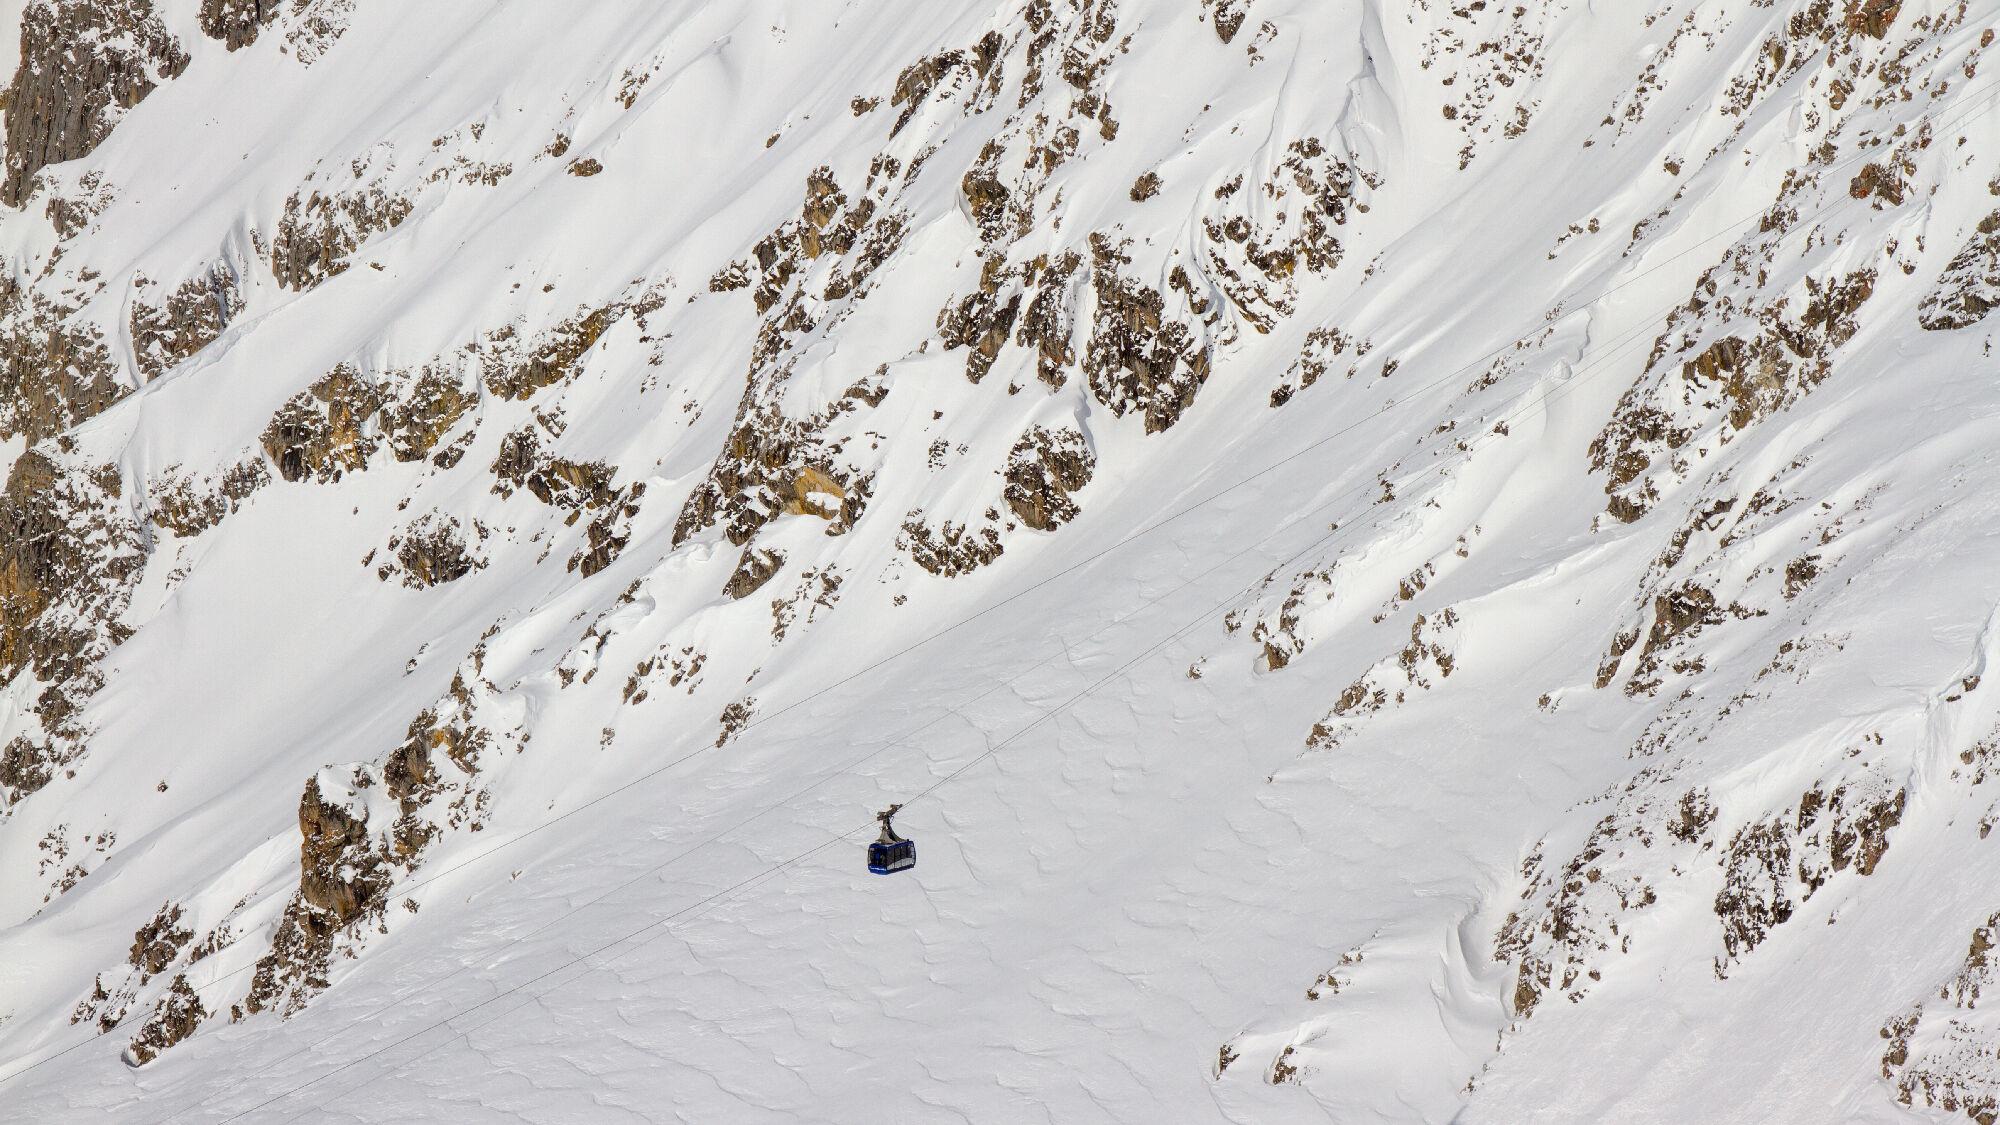 In St. Anton am Arlberg ist Schneemangel meist kein Thema